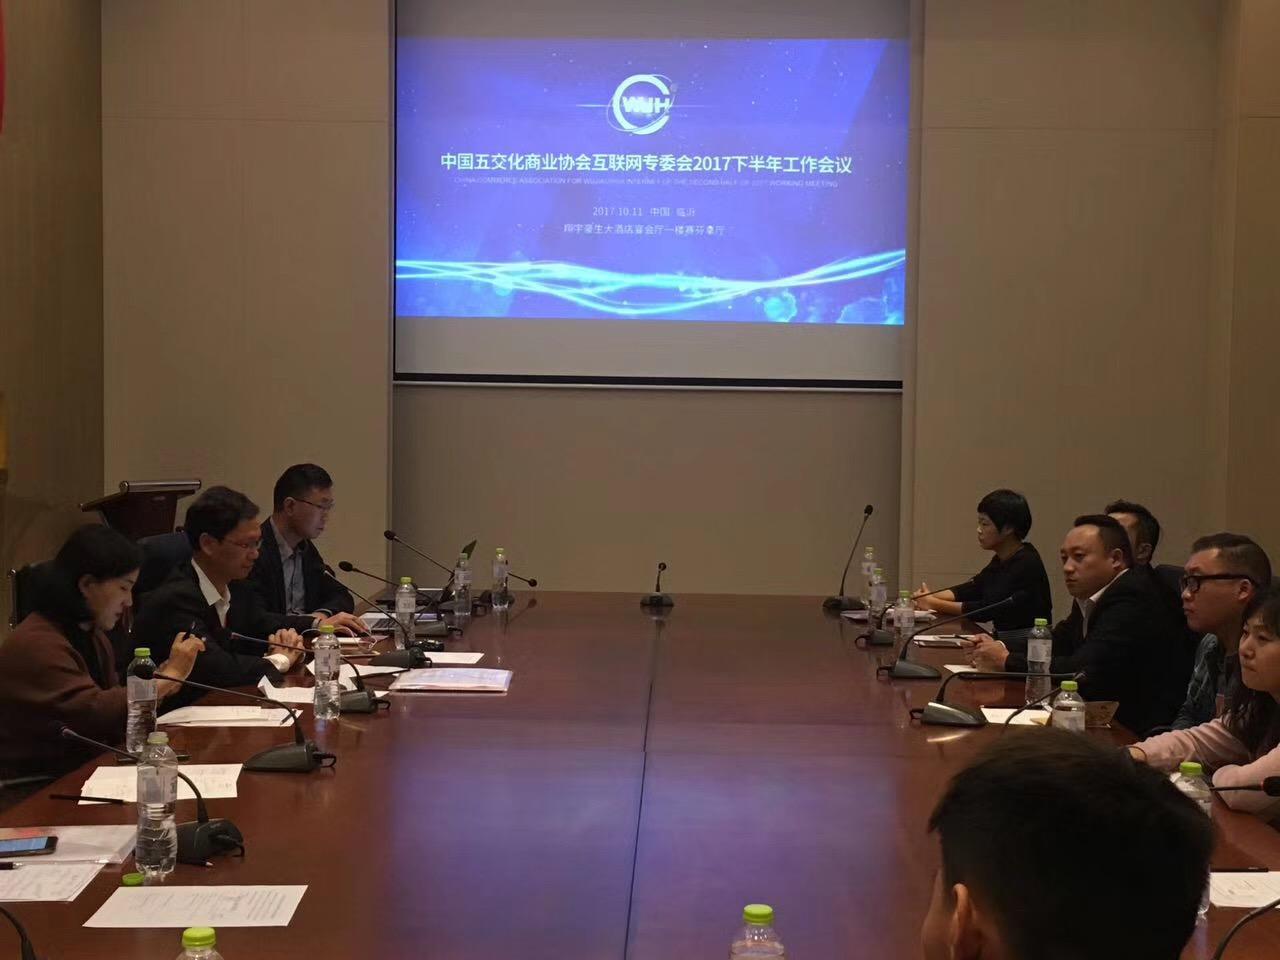 热烈祝贺易销互联网科技负责人当选为中国五交化商业协会副理事长